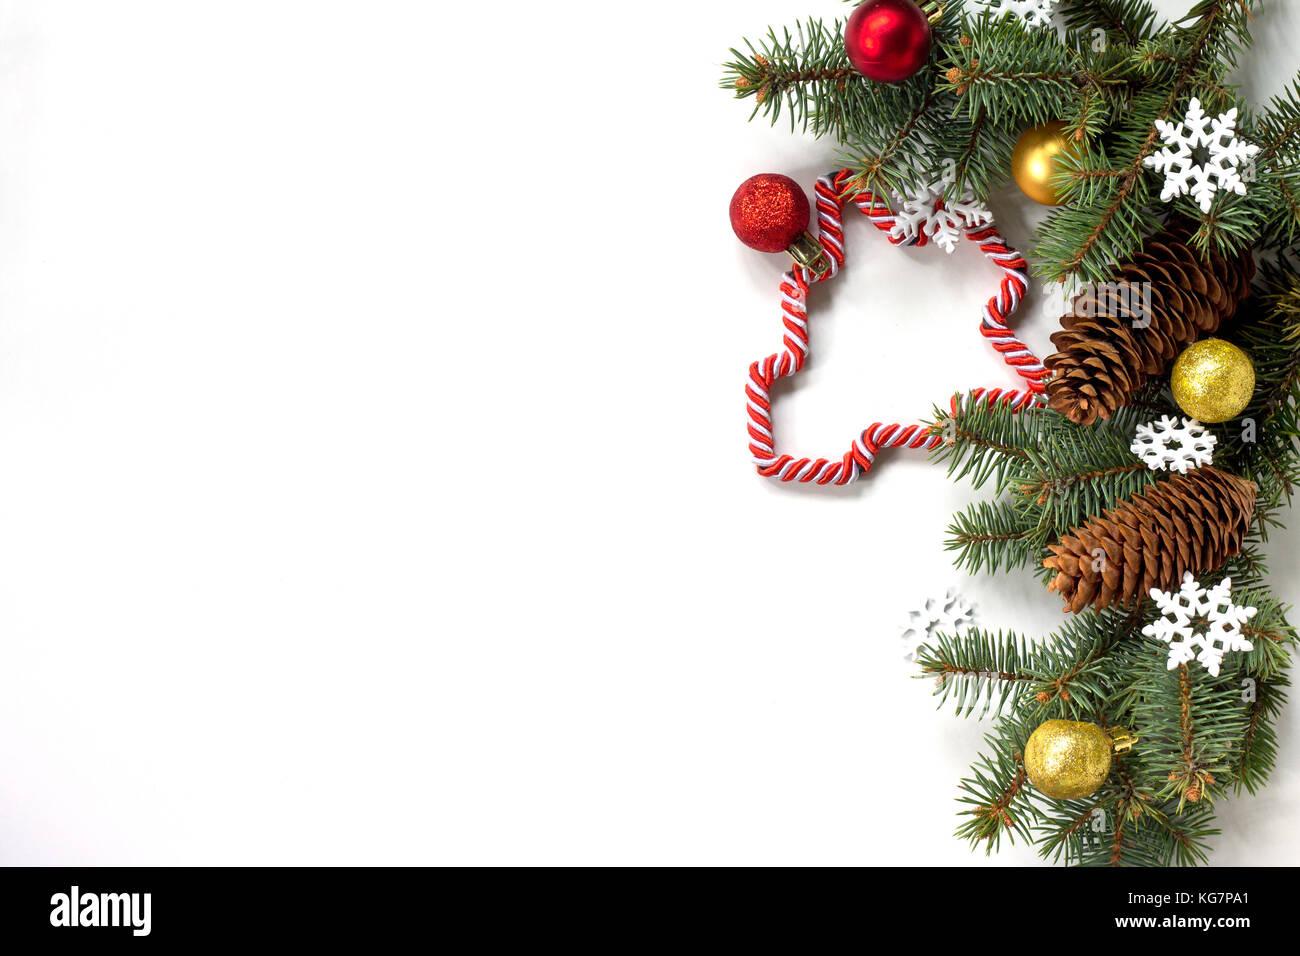 Sterne Für Weihnachtsbaum.Weihnachten Hintergrund Lebkuchen Sterne Weihnachtsbaum Und